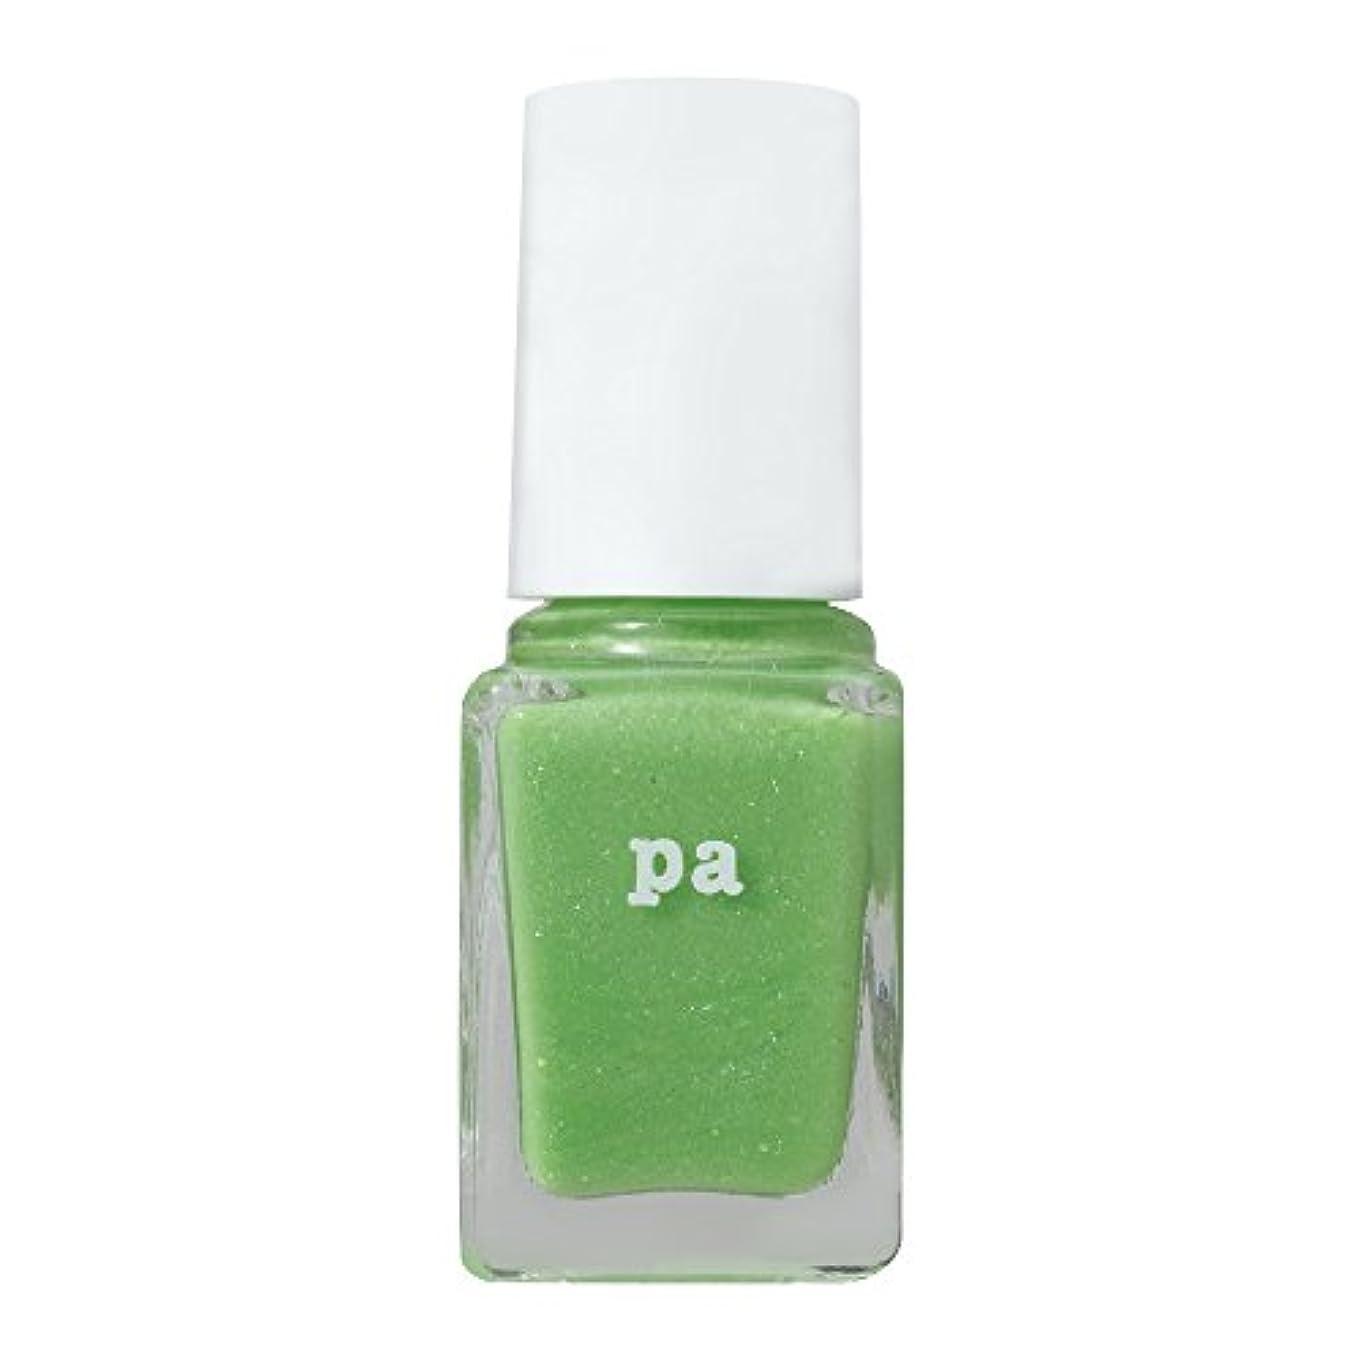 共役意外消毒するpa ネイルカラー プレミア AA177 (6mL)